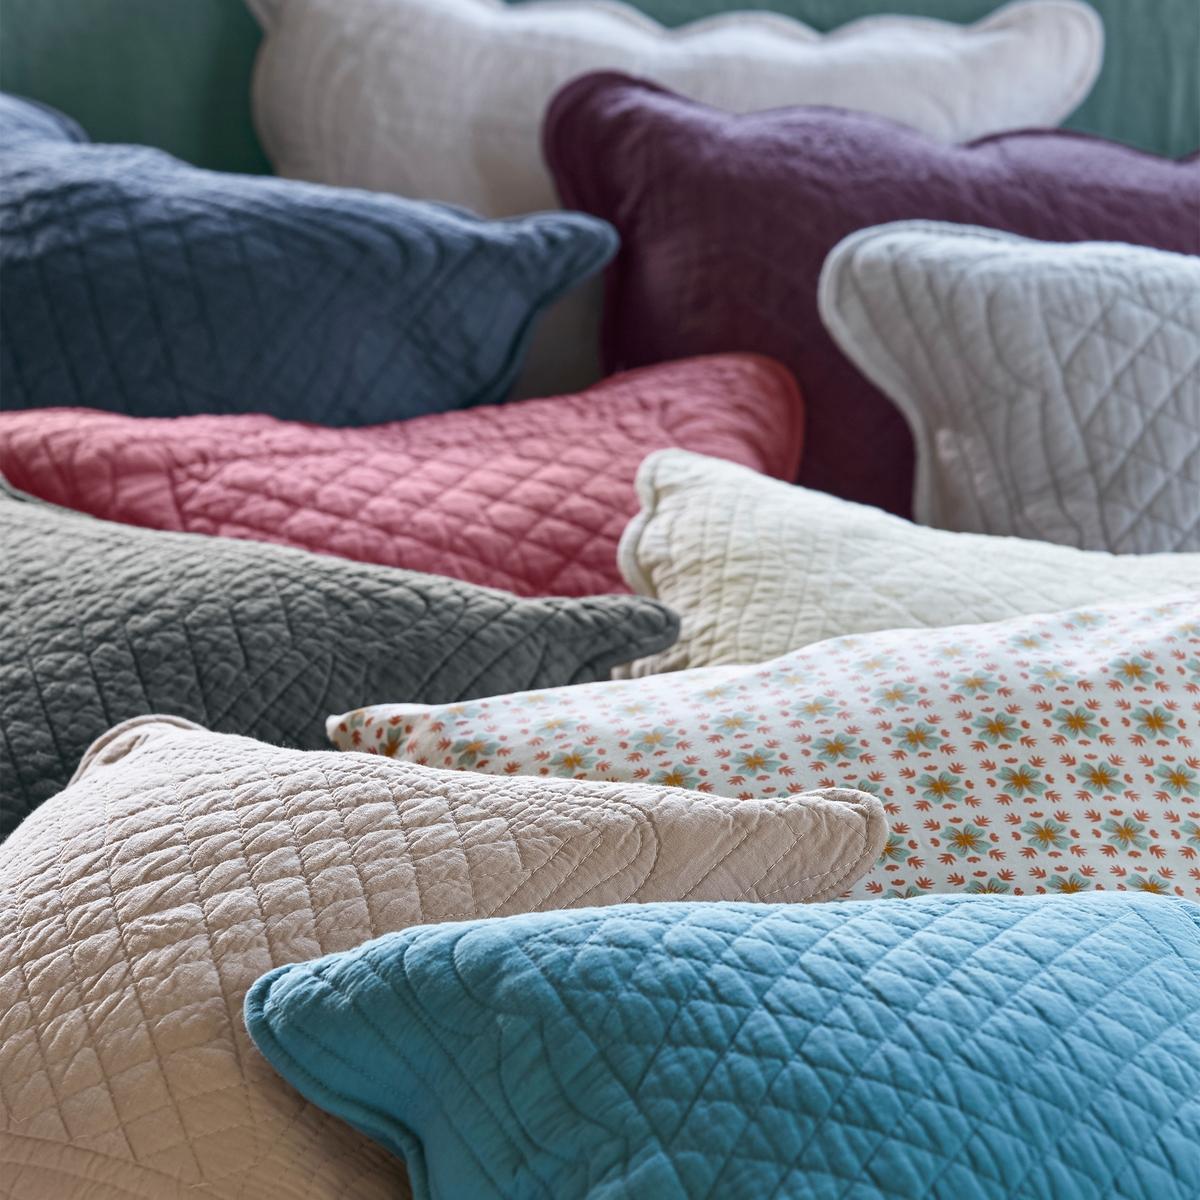 Чехол на подушку или подушку-валик ScenarioЧехол на подушку Scenario: Ручная работа, утонченная отделка и элегантный дизайн делают этот стеганый чехол для подушки из 100% хлопка незаменимой деталью декора Вашей спальни.Характеристики чехла на подушку Scenario   :- Чехол для подушки из плотной ткани 100% хлопка с хлопковыми волокнами (250 г/м?).- искусная отделка (волнообразные края).- Прямоугольная форма с застежкой на пуговицы для размера 65 x 65 см  .Размеры чехла на подушку Scenario:40 x 40 см65 x 65 см- Стирать при 40°.Производство осуществляется с учетом стандартов по защите окружающей среды и здоровья человека, что подтверждено сертификатом Oeko-tex®... . ..  : : . .  : .  : . .  !  : .<br><br>Цвет: Cиний,антрацит,белый,розовое дерево,светло-коричневый,серый жемчужный,экрю,ярко-фиолетовый<br>Размер: 40 x 40  см.65 x 65  см.40 x 40  см.65 x 65  см.40 x 40  см.40 x 40  см.65 x 65  см.65 x 65  см.40 x 40  см